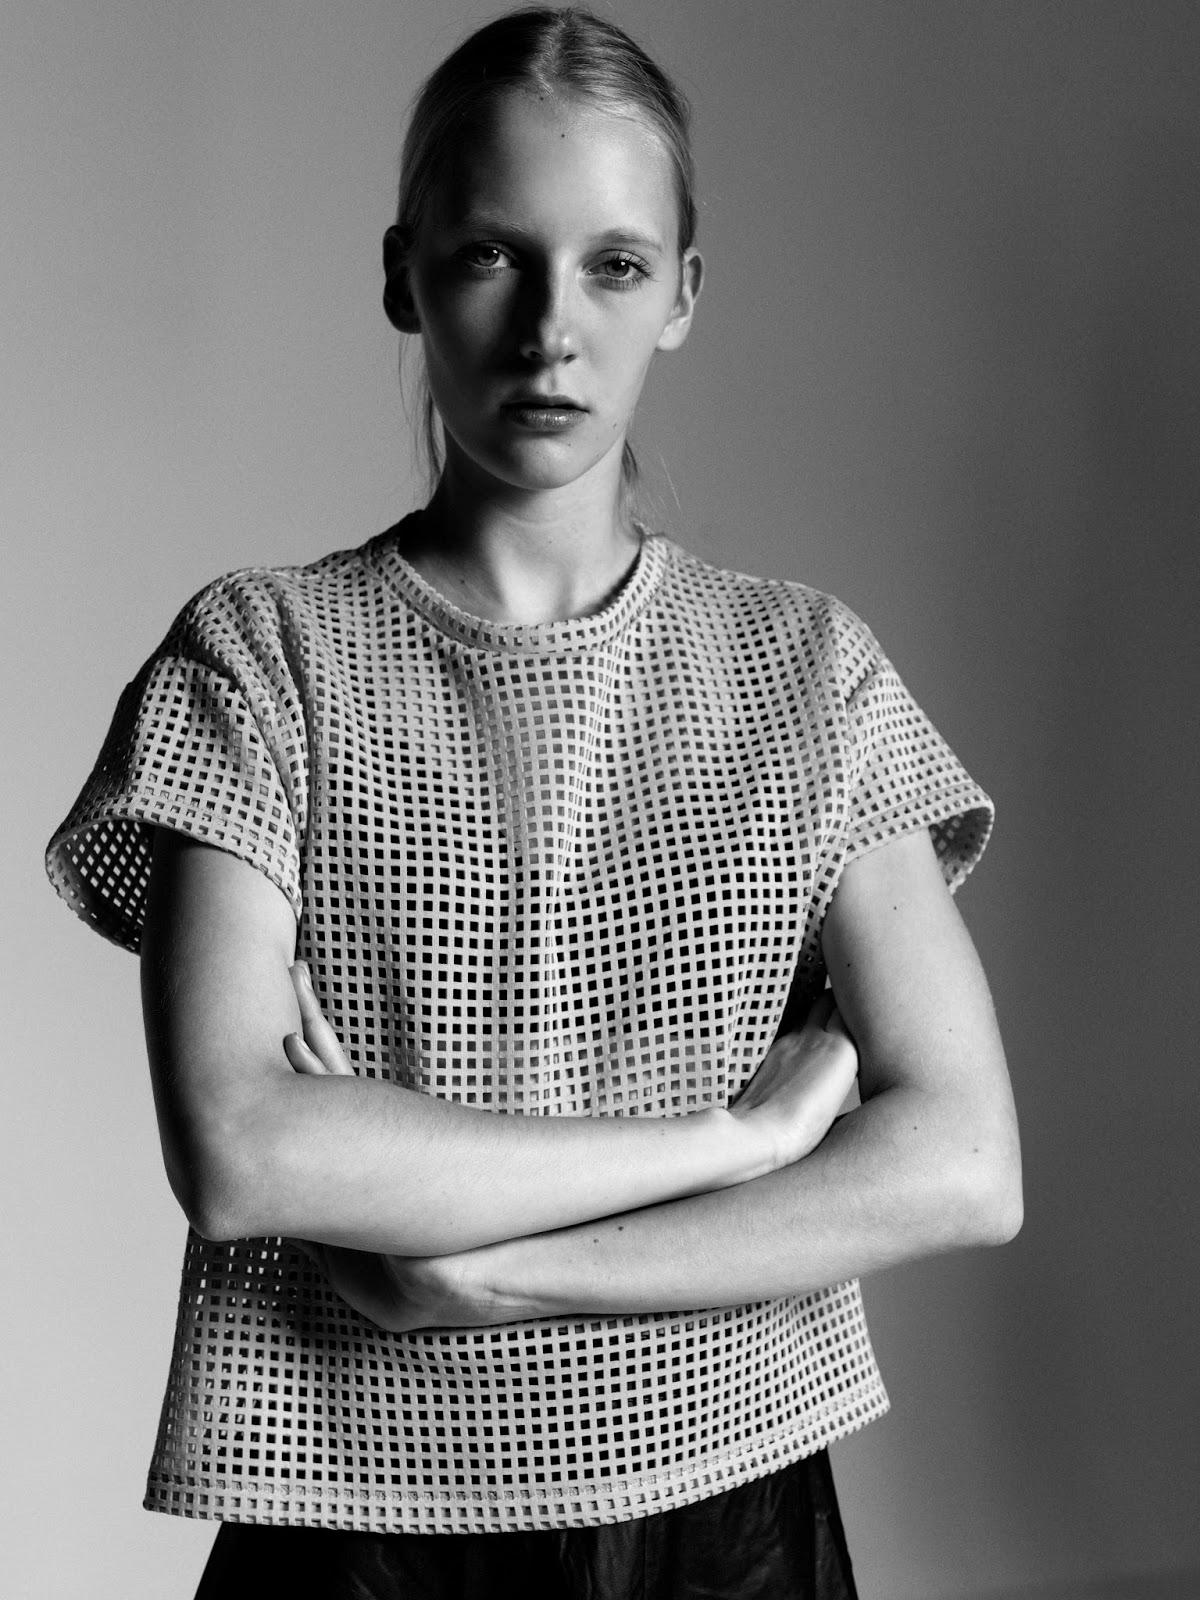 Julia Reiss